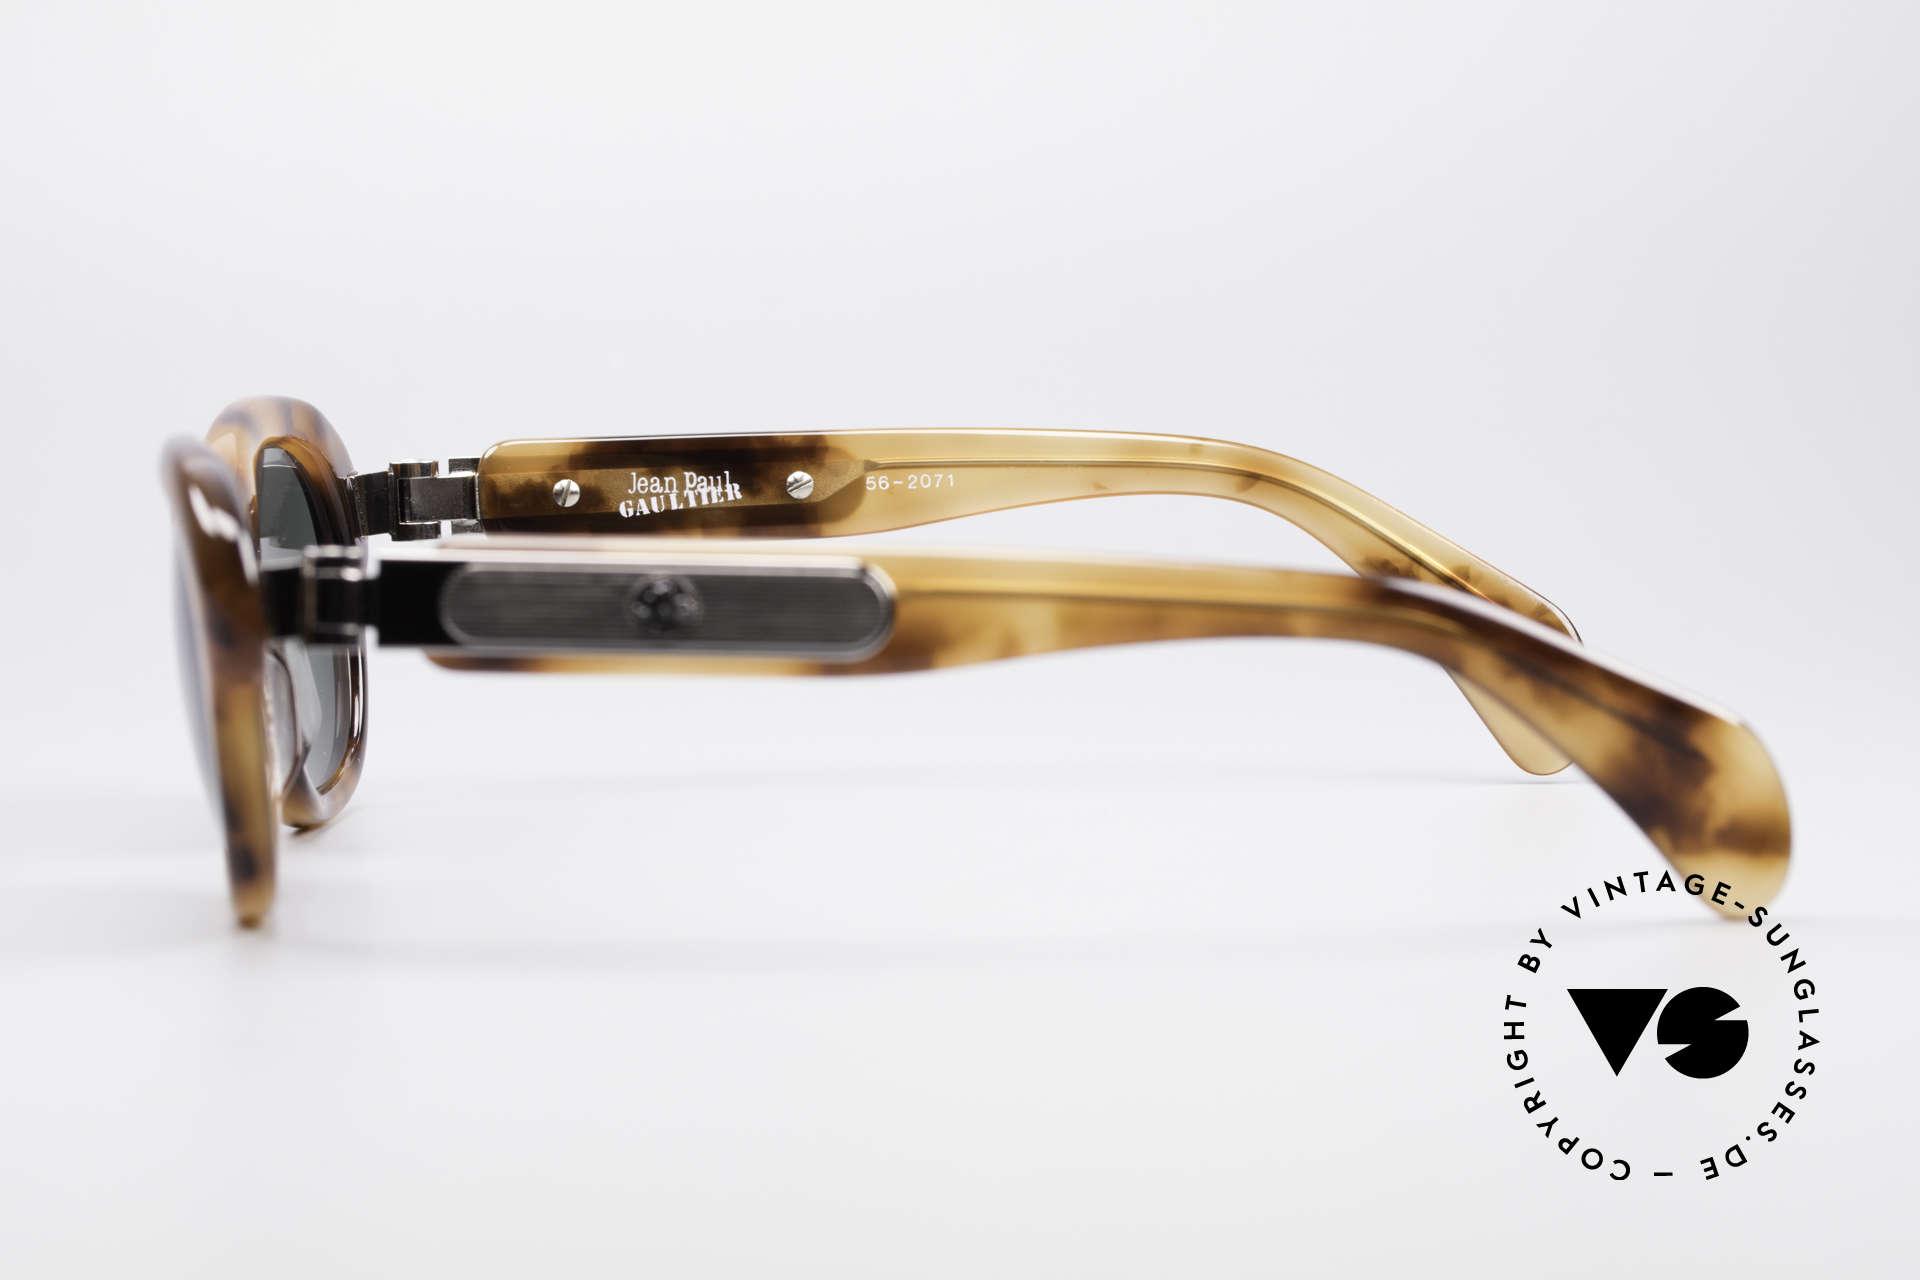 Jean Paul Gaultier 56-2071 No Retro Echt Vintage Brille, KEINE RETROBRILLE; ein altes Original von 1995/96, Passend für Damen